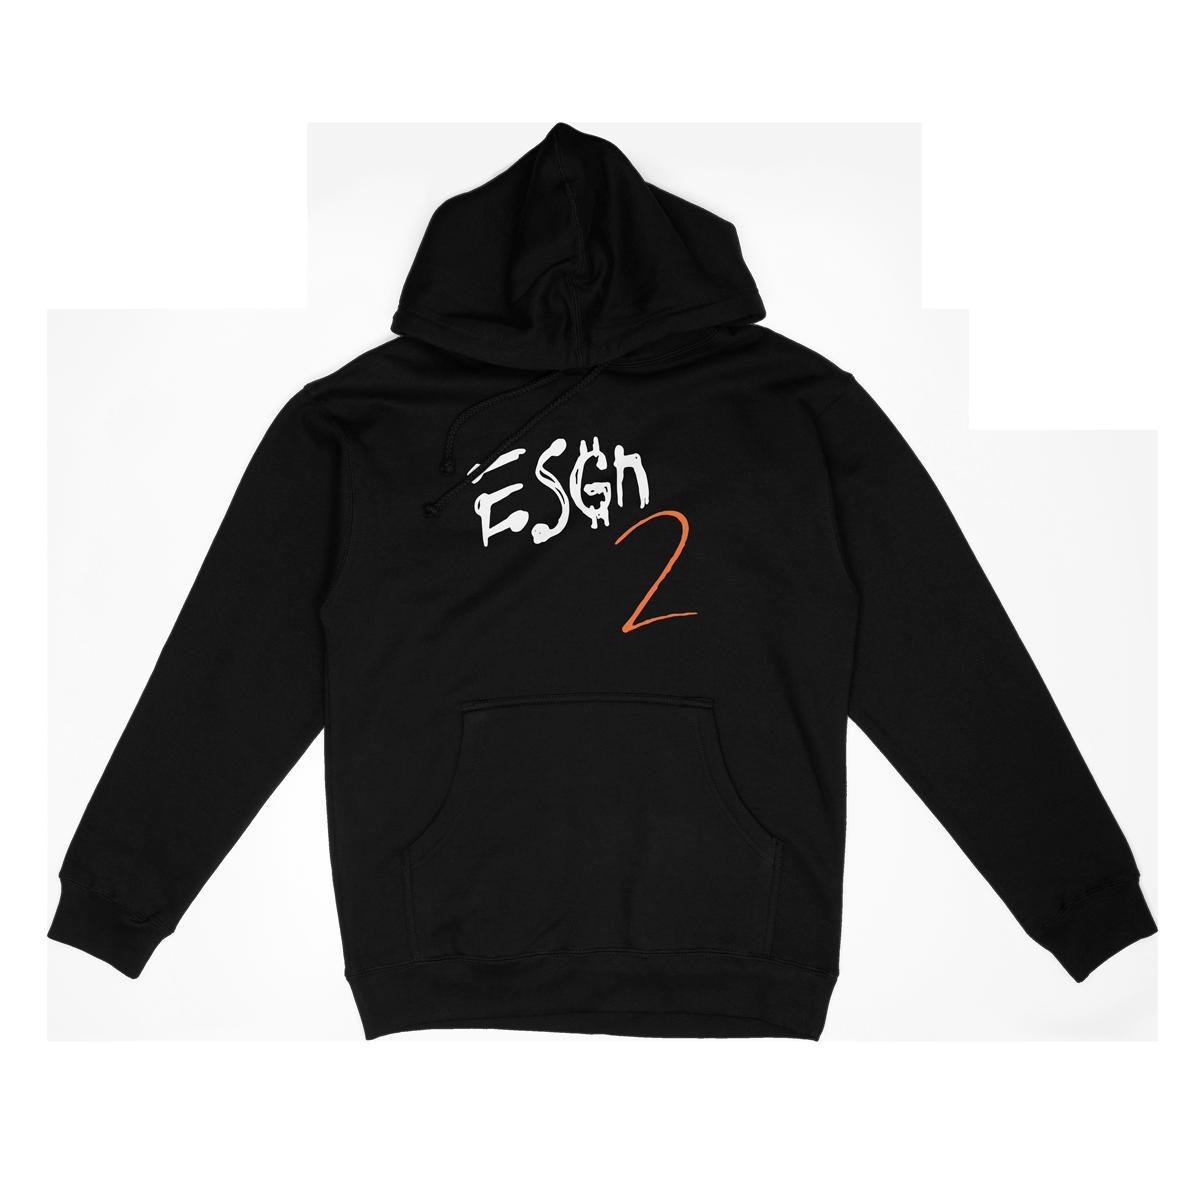 ESGN2 Hoodie - Black